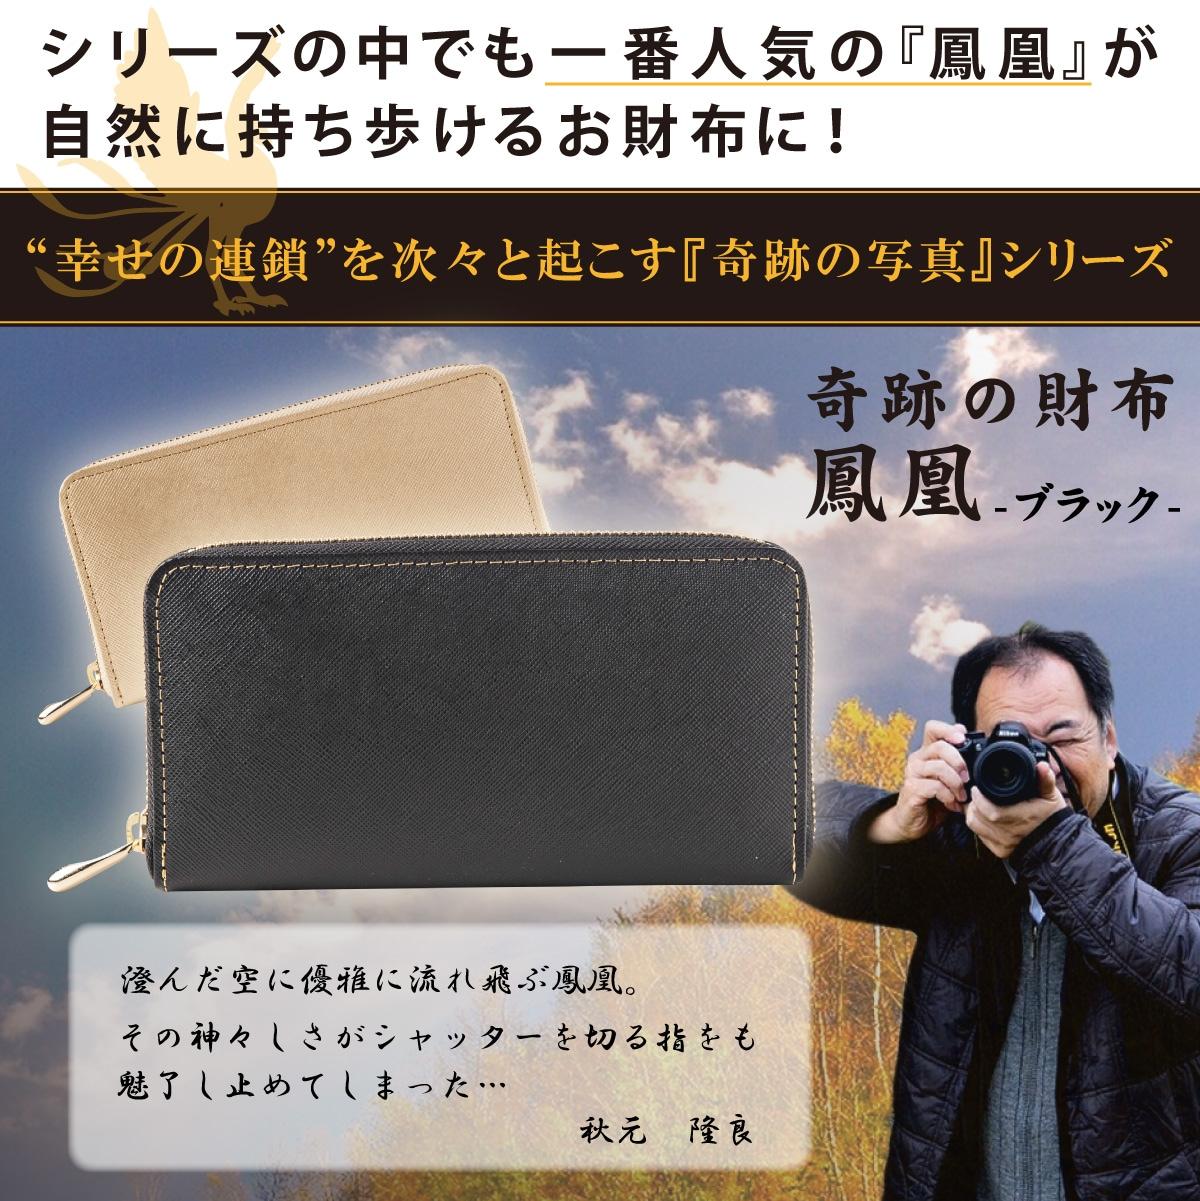 【奇跡の写真】 奇跡の財布『鳳凰』 (ブラック) 開運グッズ